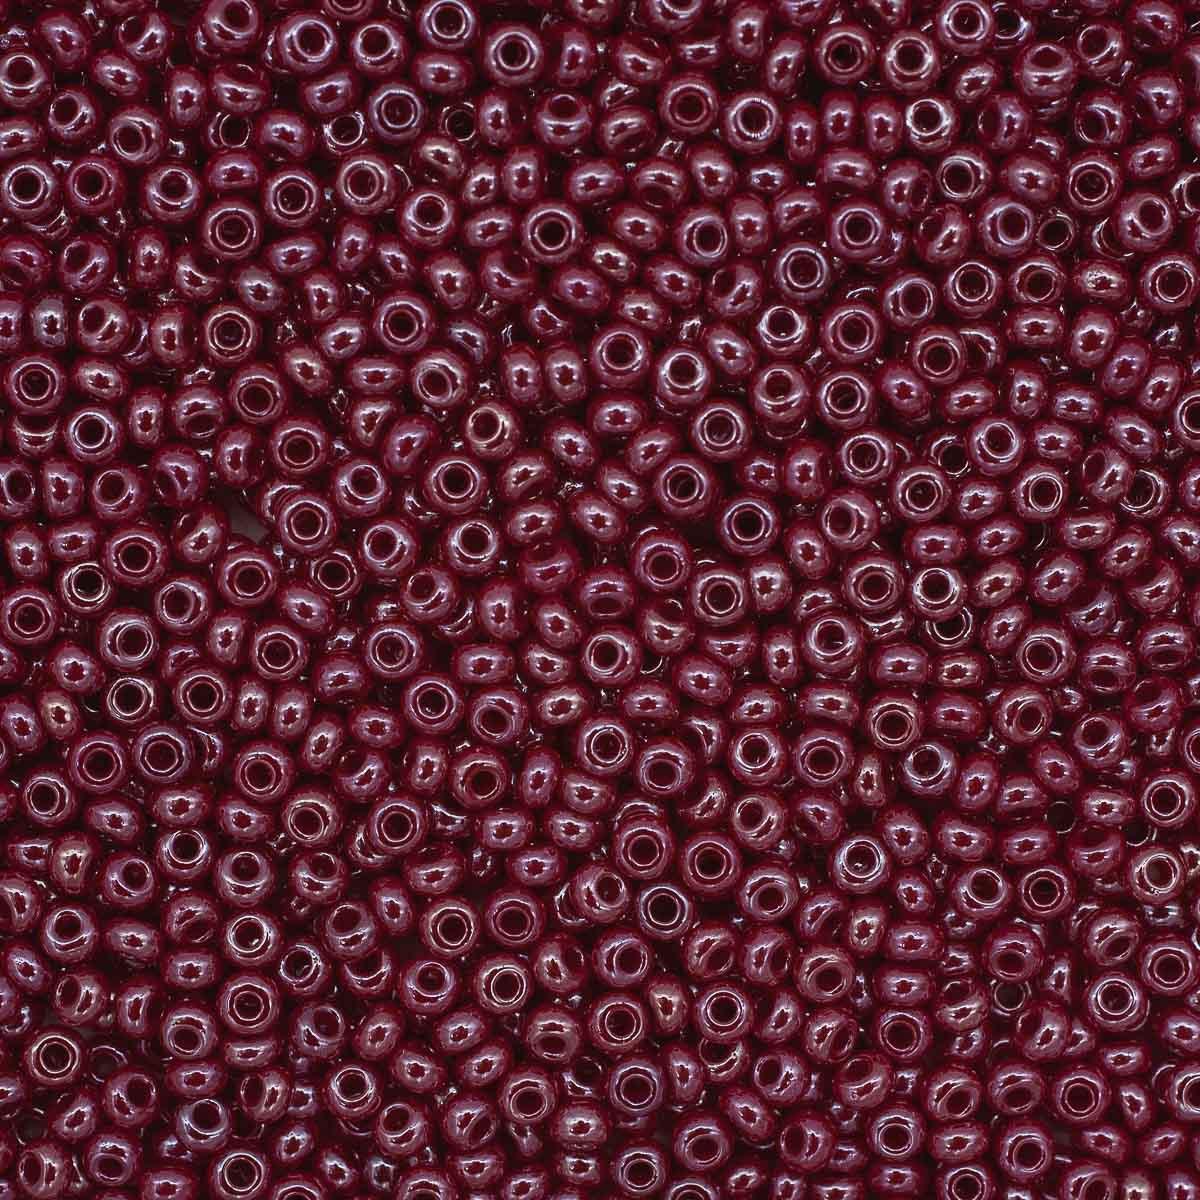 331-19001-10/0-98210 Бисер непрозрачный с жемчужным покрытием 10/0, круг.отв., 20гр Preciosa